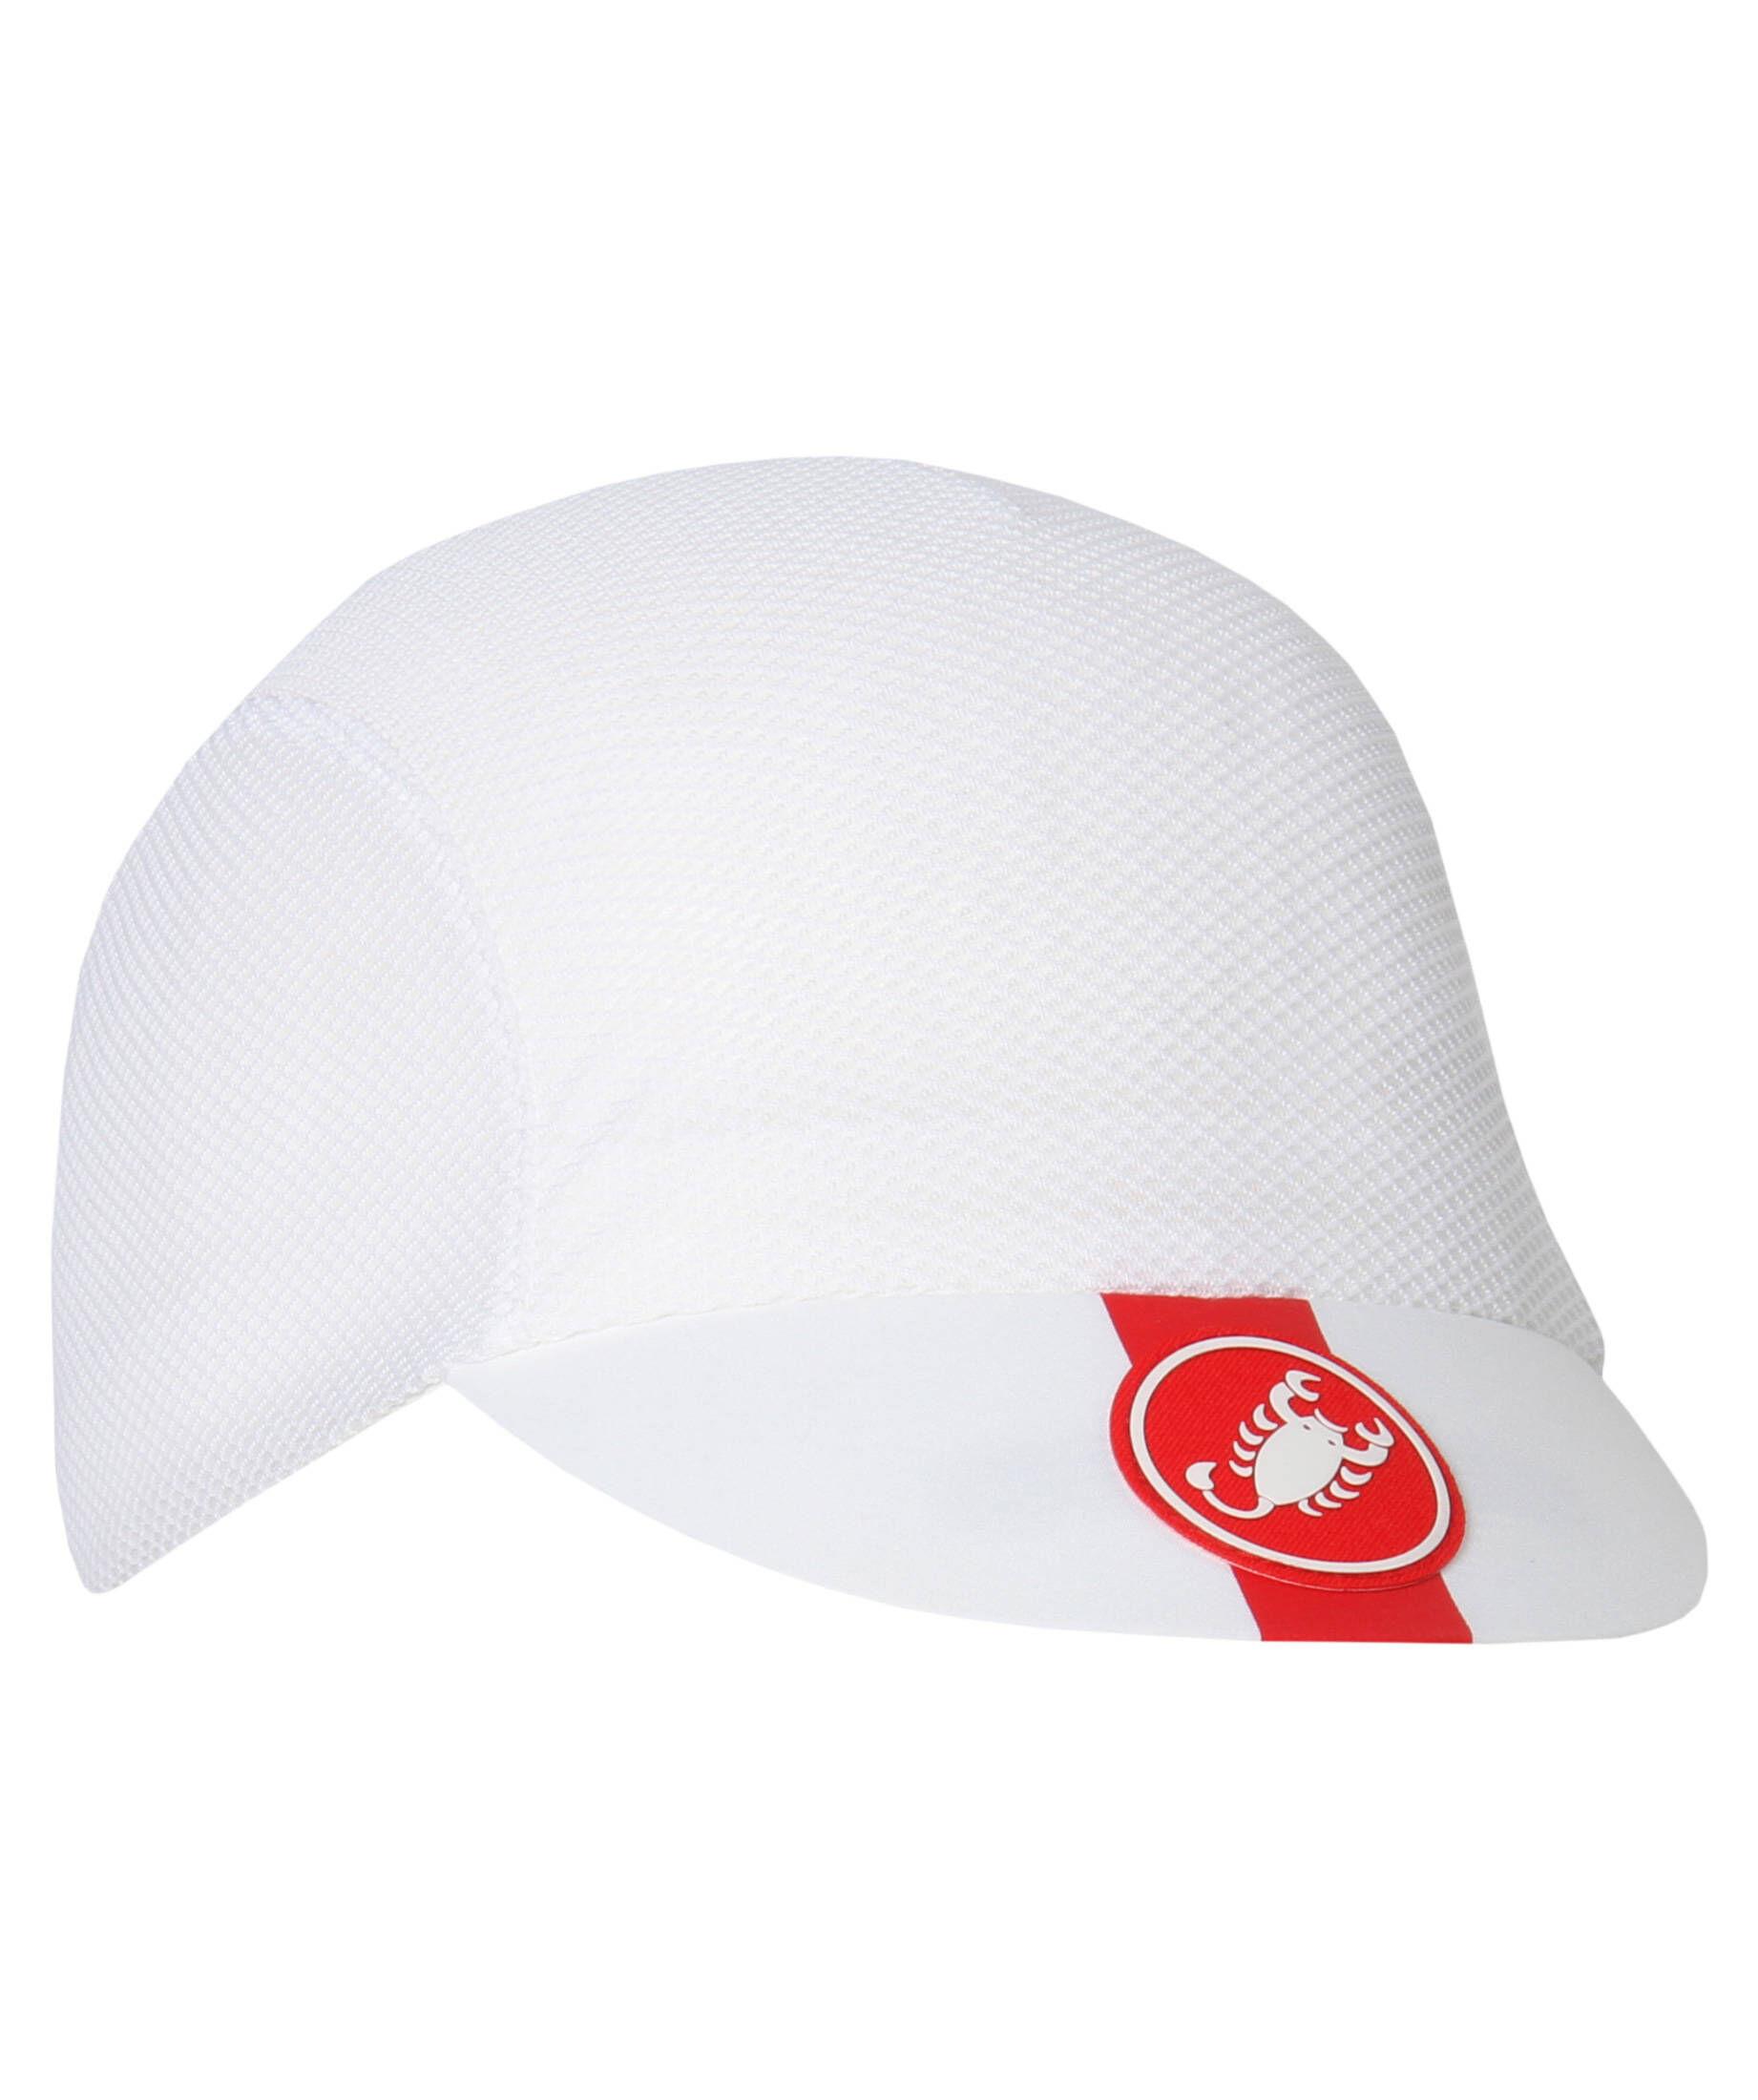 Suchergebnis auf für: Nike Hüte, Mützen & Caps